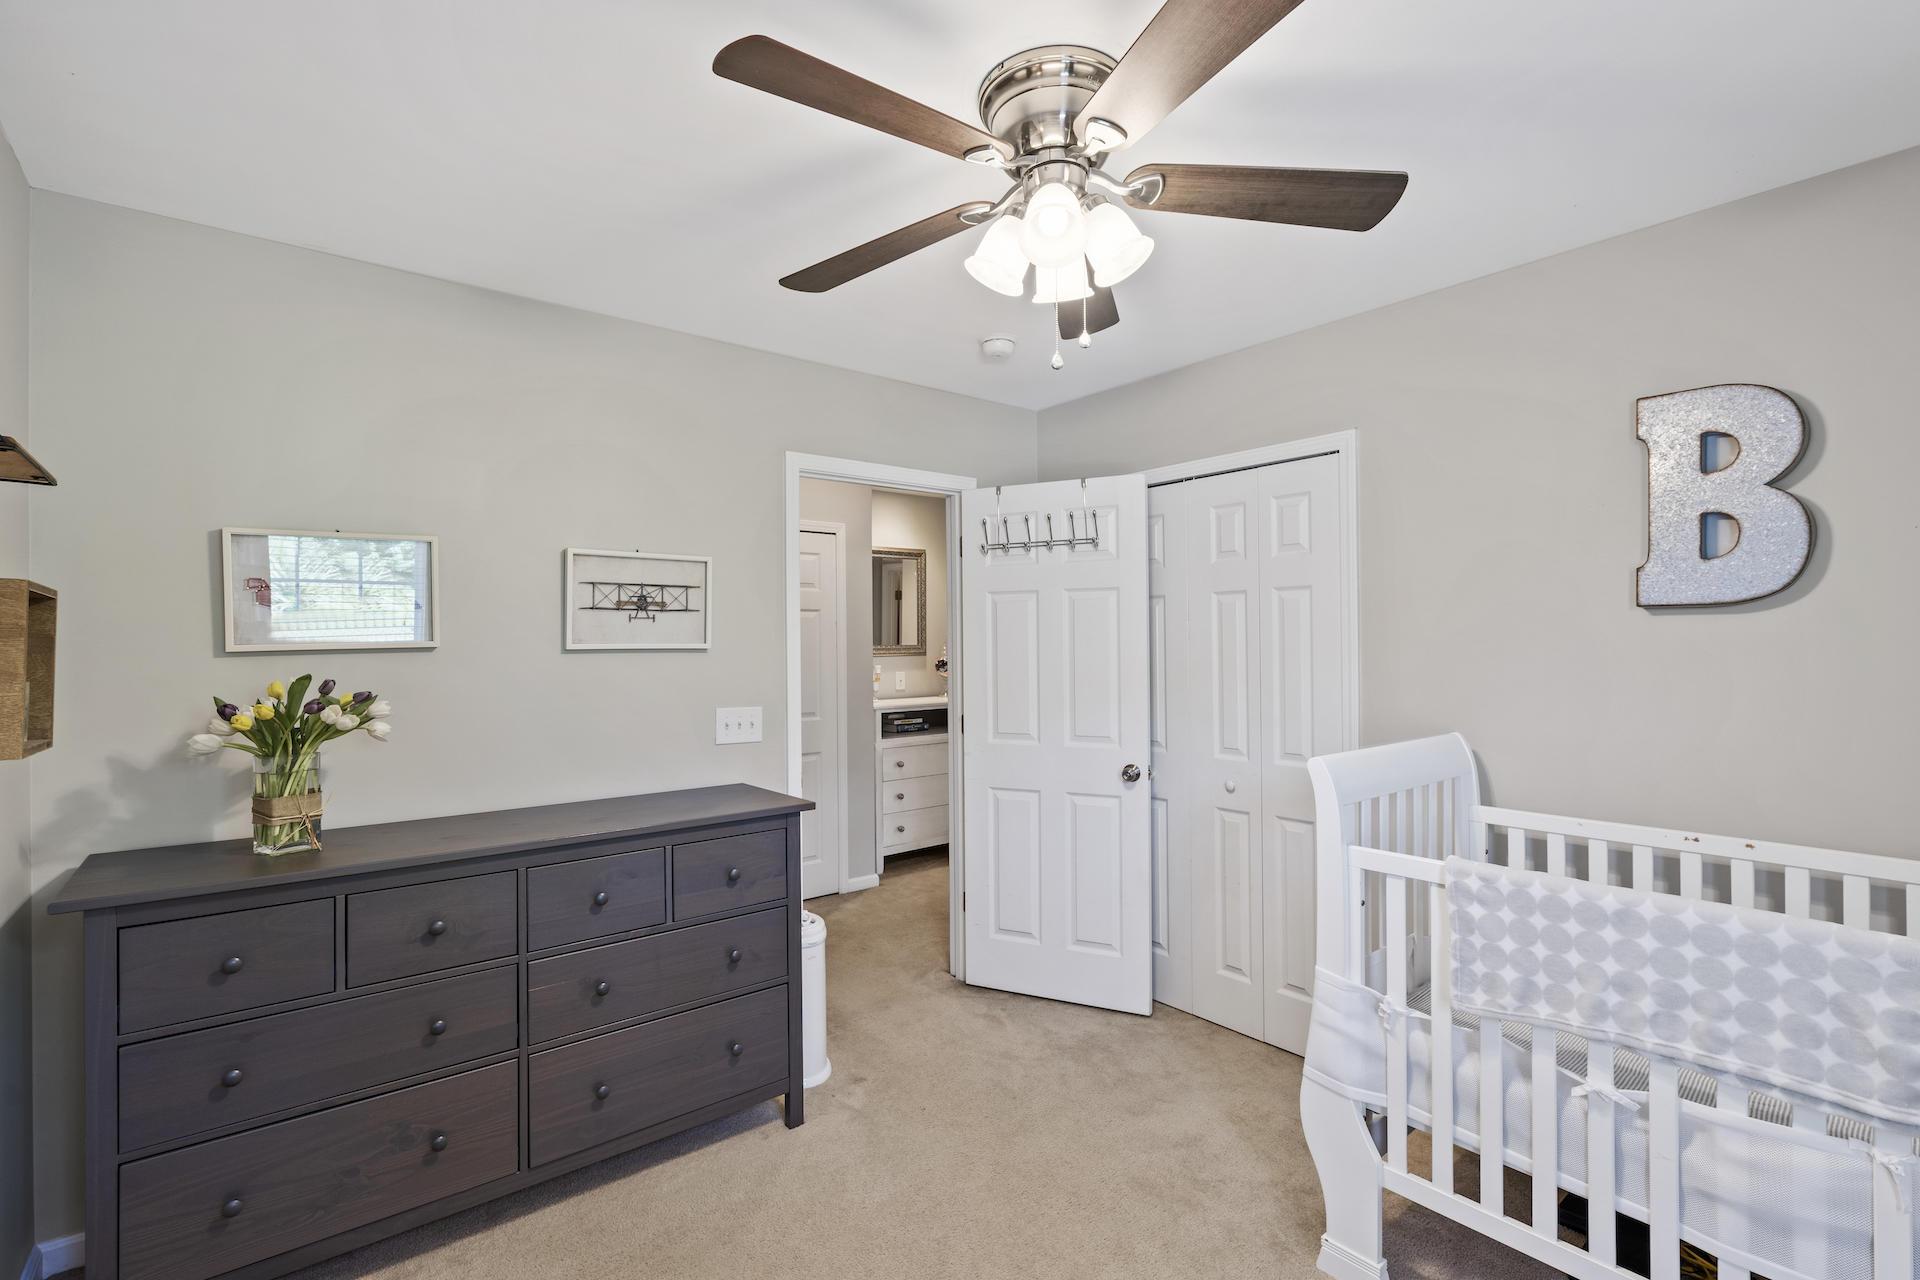 Park West Homes For Sale - 3061 Park West, Mount Pleasant, SC - 1